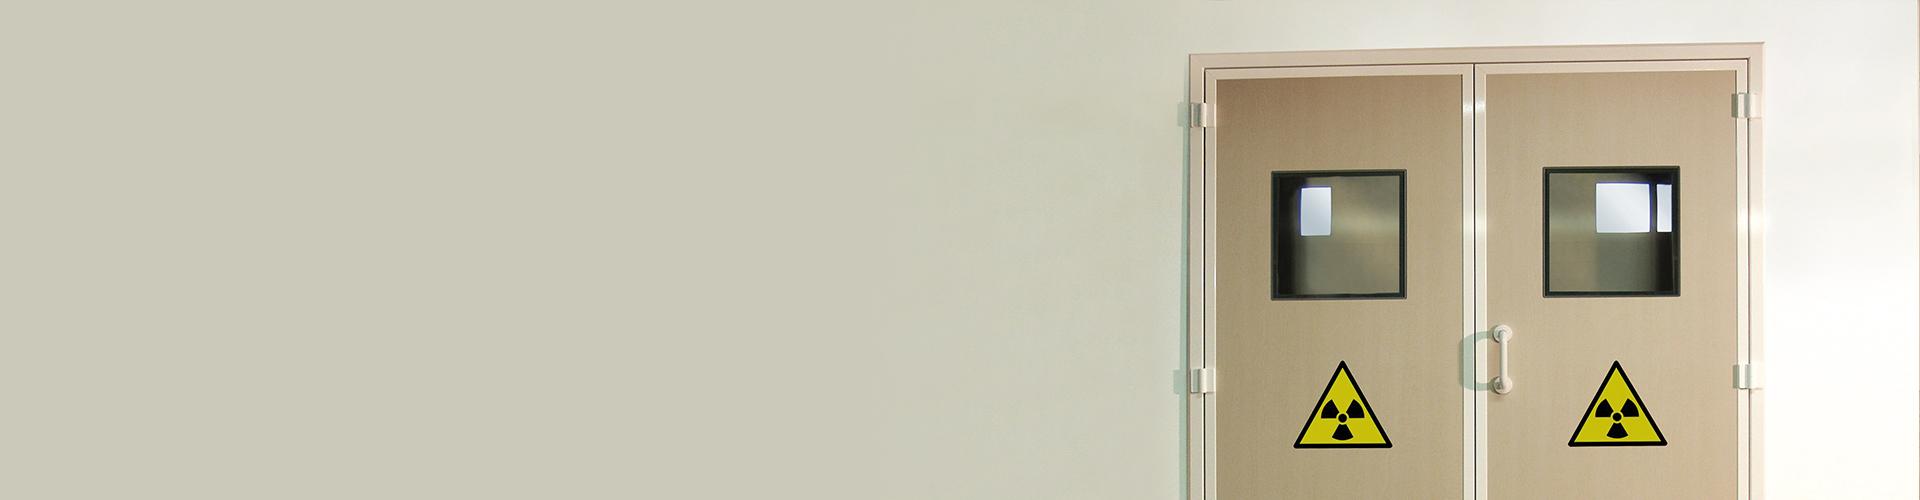 portes plombées porte anti rayons X SPENLE